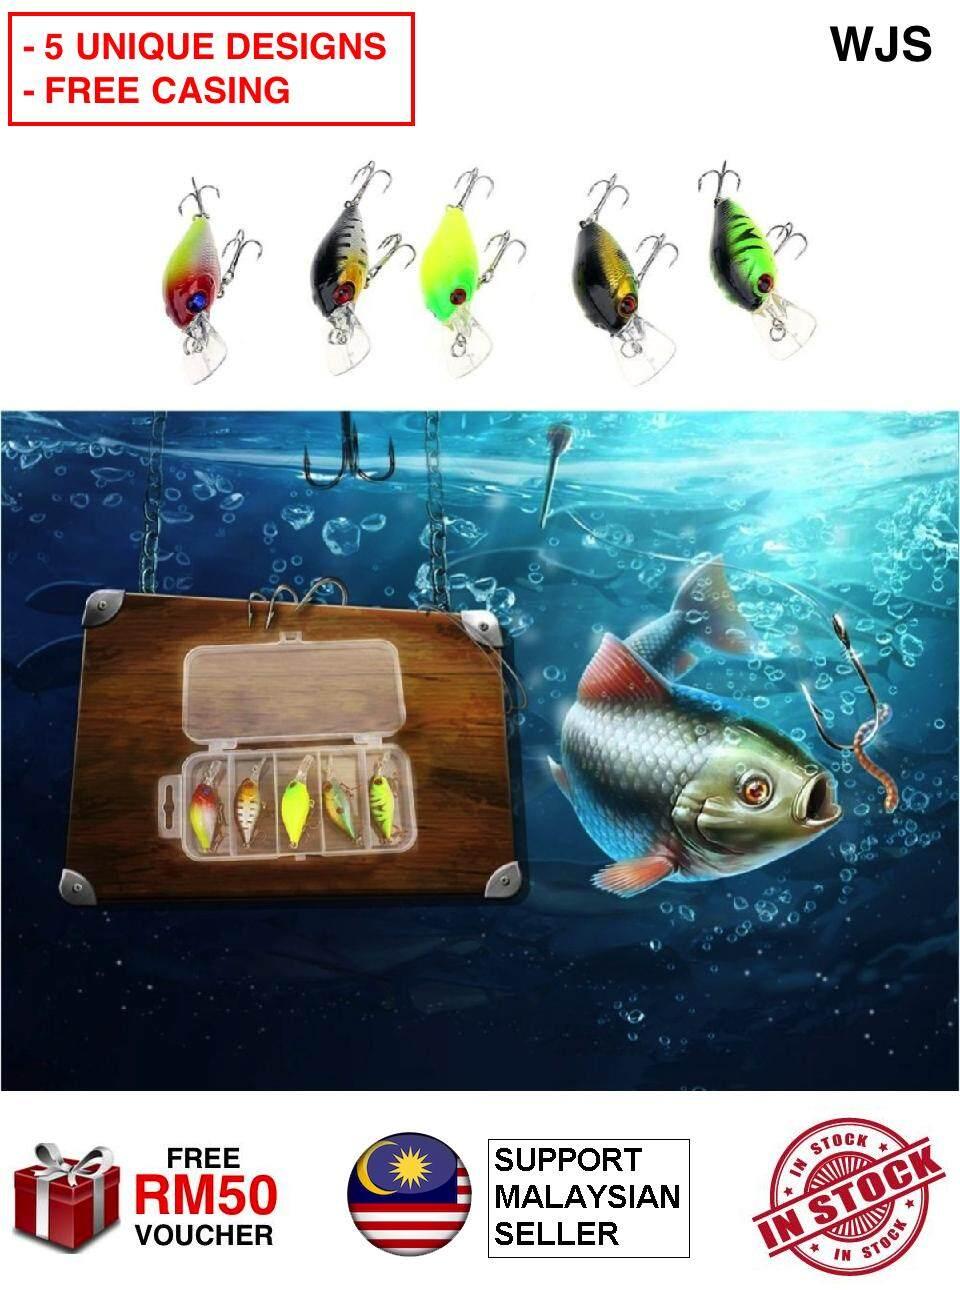 (FREE CASING) WJS Unique Design 5pcs 5 pcs Fish Bait 5cm 4.2g Artificial Lifelike Lure Fishing Crankbait Lure Fish Lure Fishing Baits Umpan Ikan Gewang Ikan MULTICOLOR [FREE RM 50 VOUCHER]